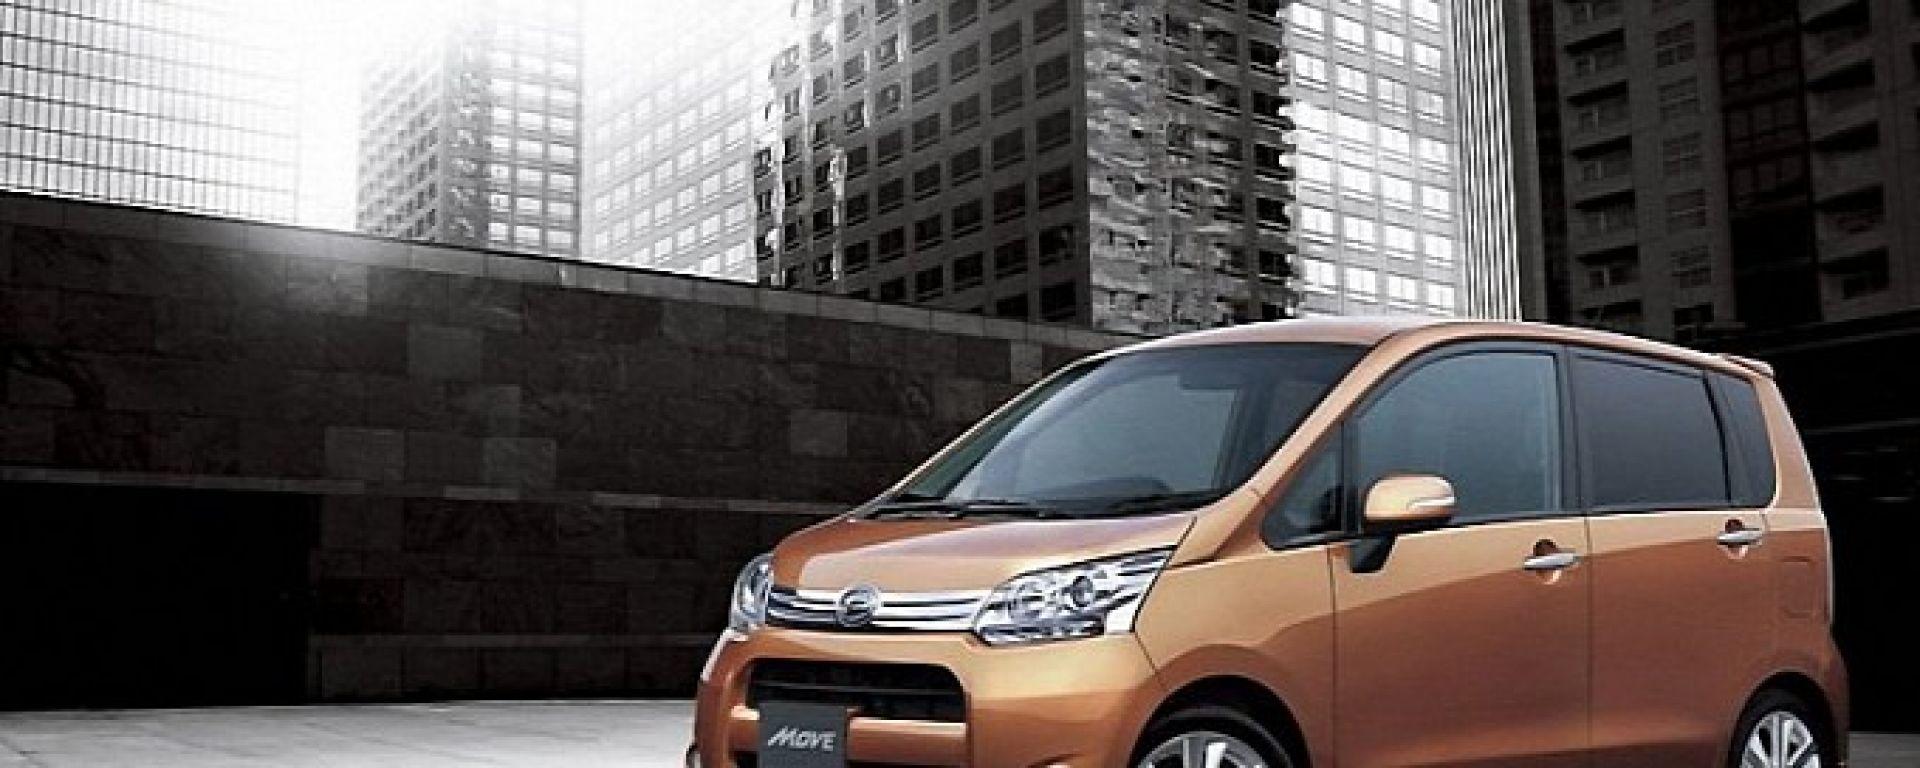 Nuova Daihatsu Move